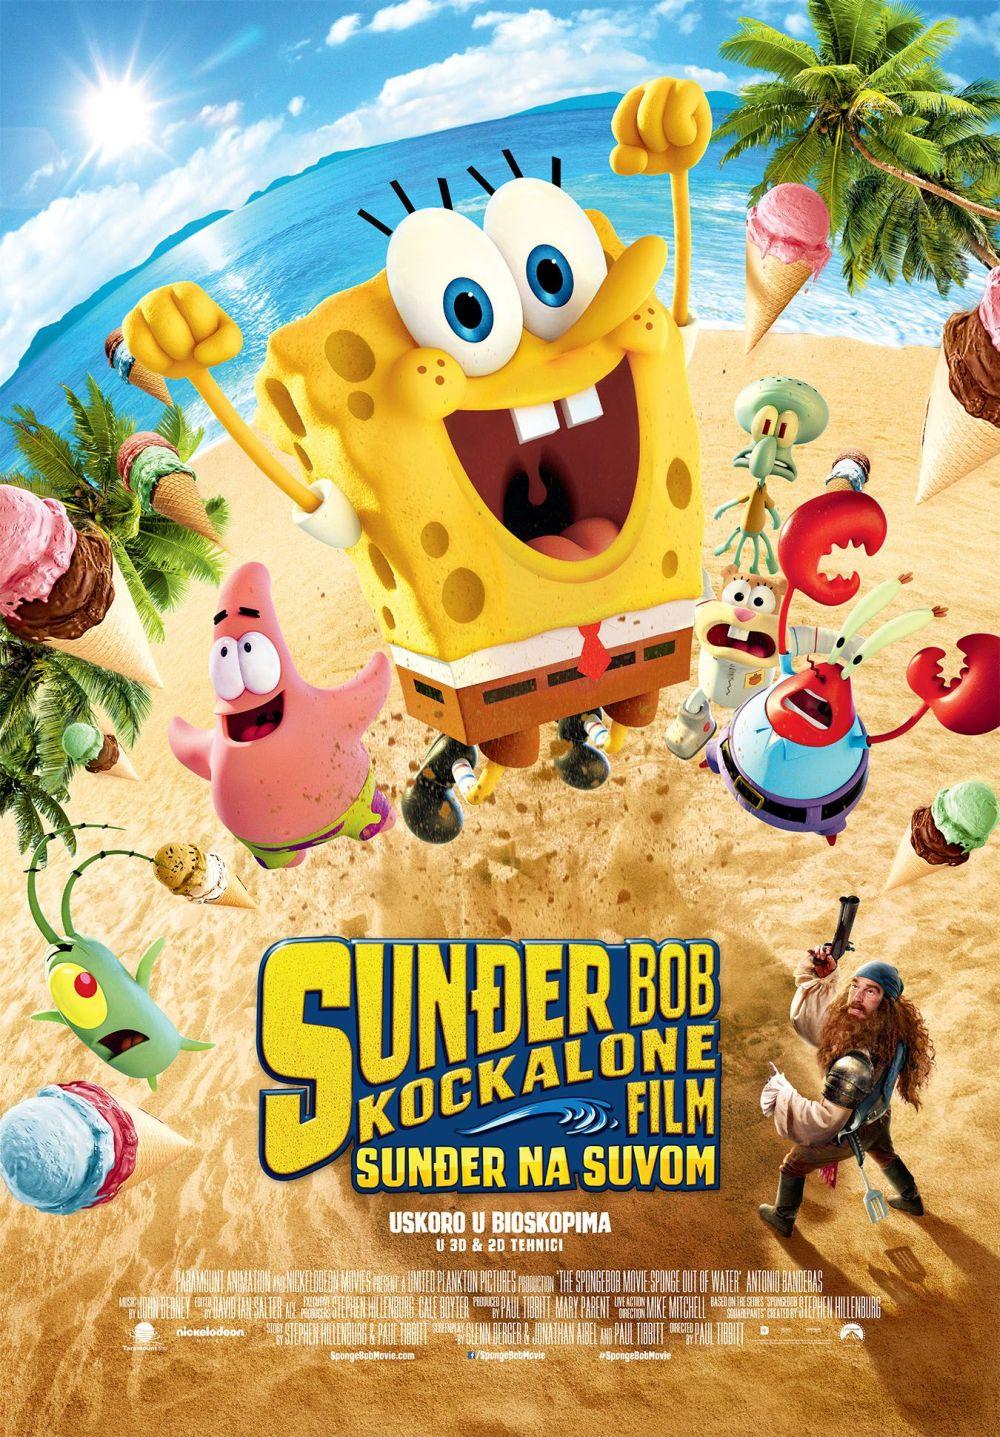 Sun-er_Bob_Kockalone_film